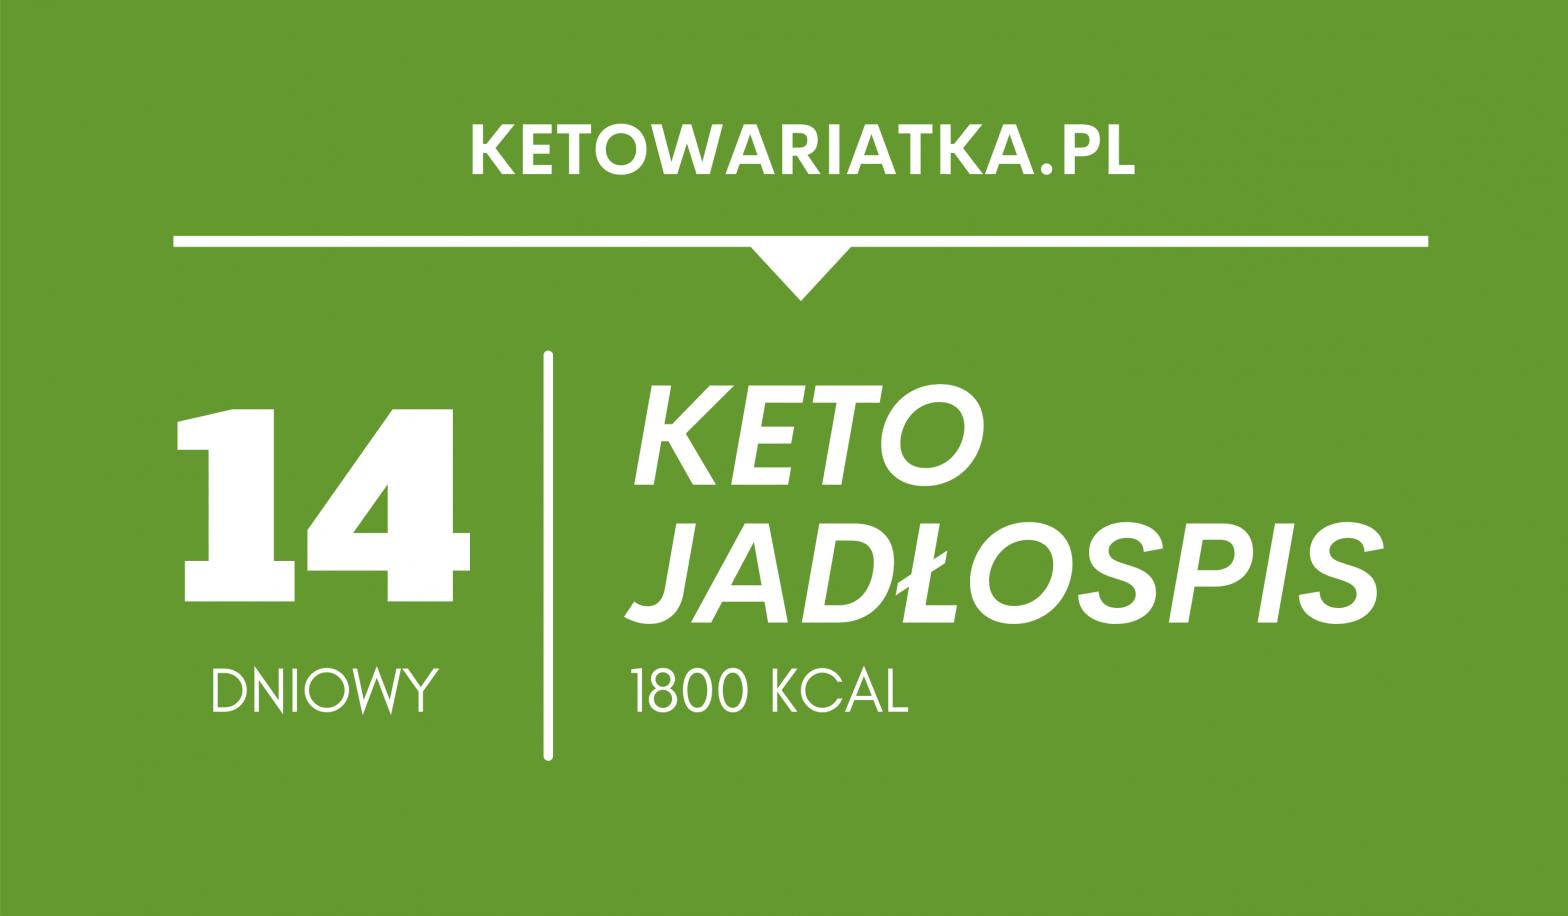 Wegetariański keto jadłospis - 14 dni (1800 kcal)